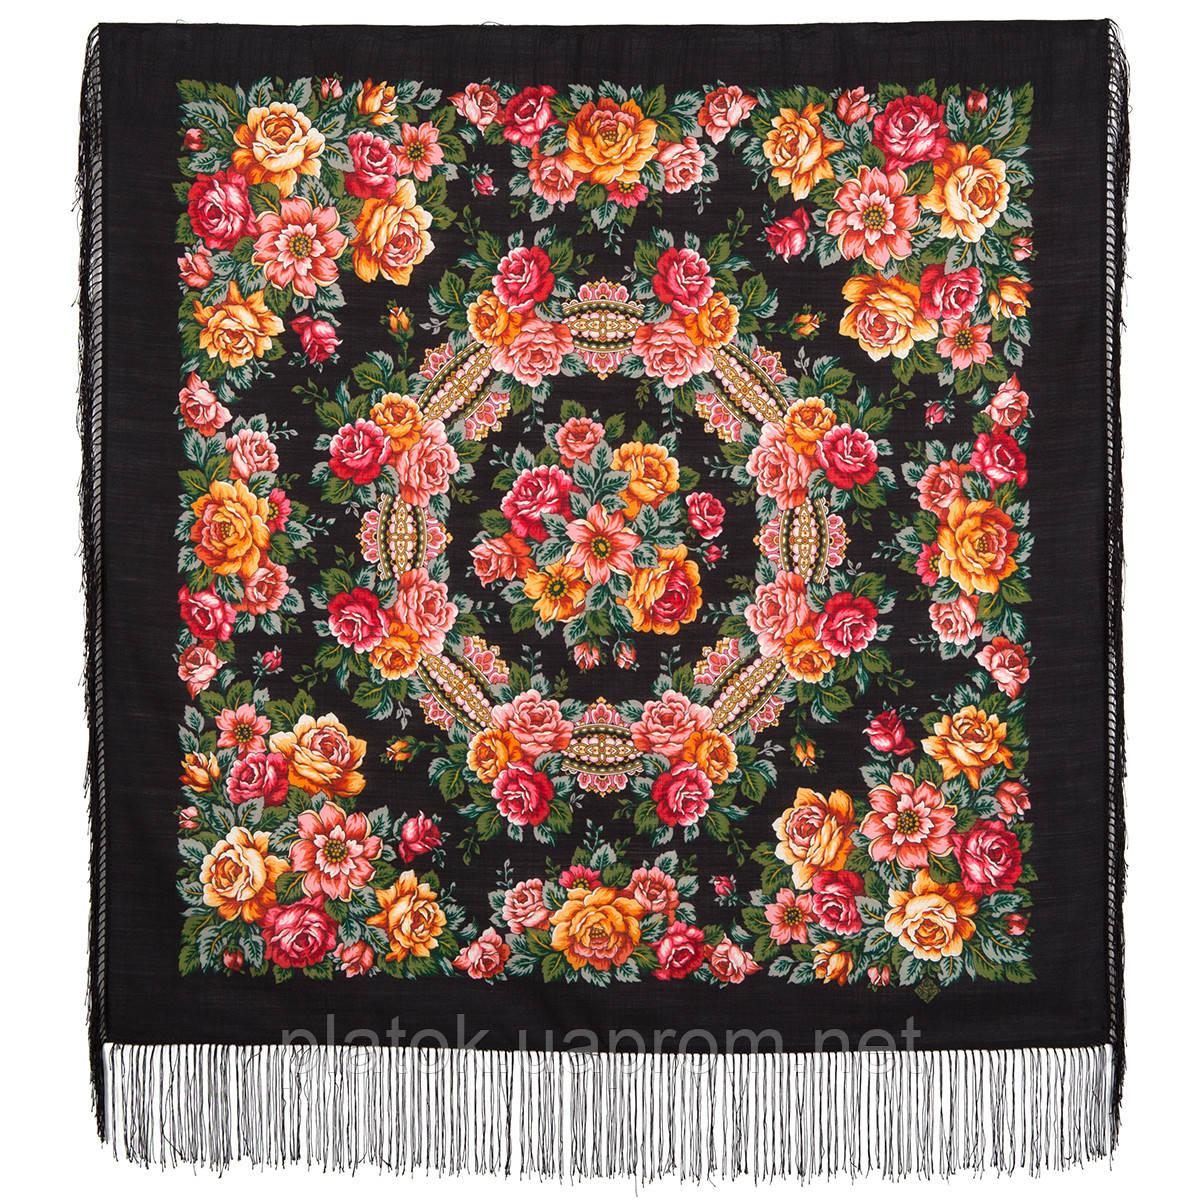 Город роз 1825-18, павлопосадский платок шерстяной  с шелковой бахромой